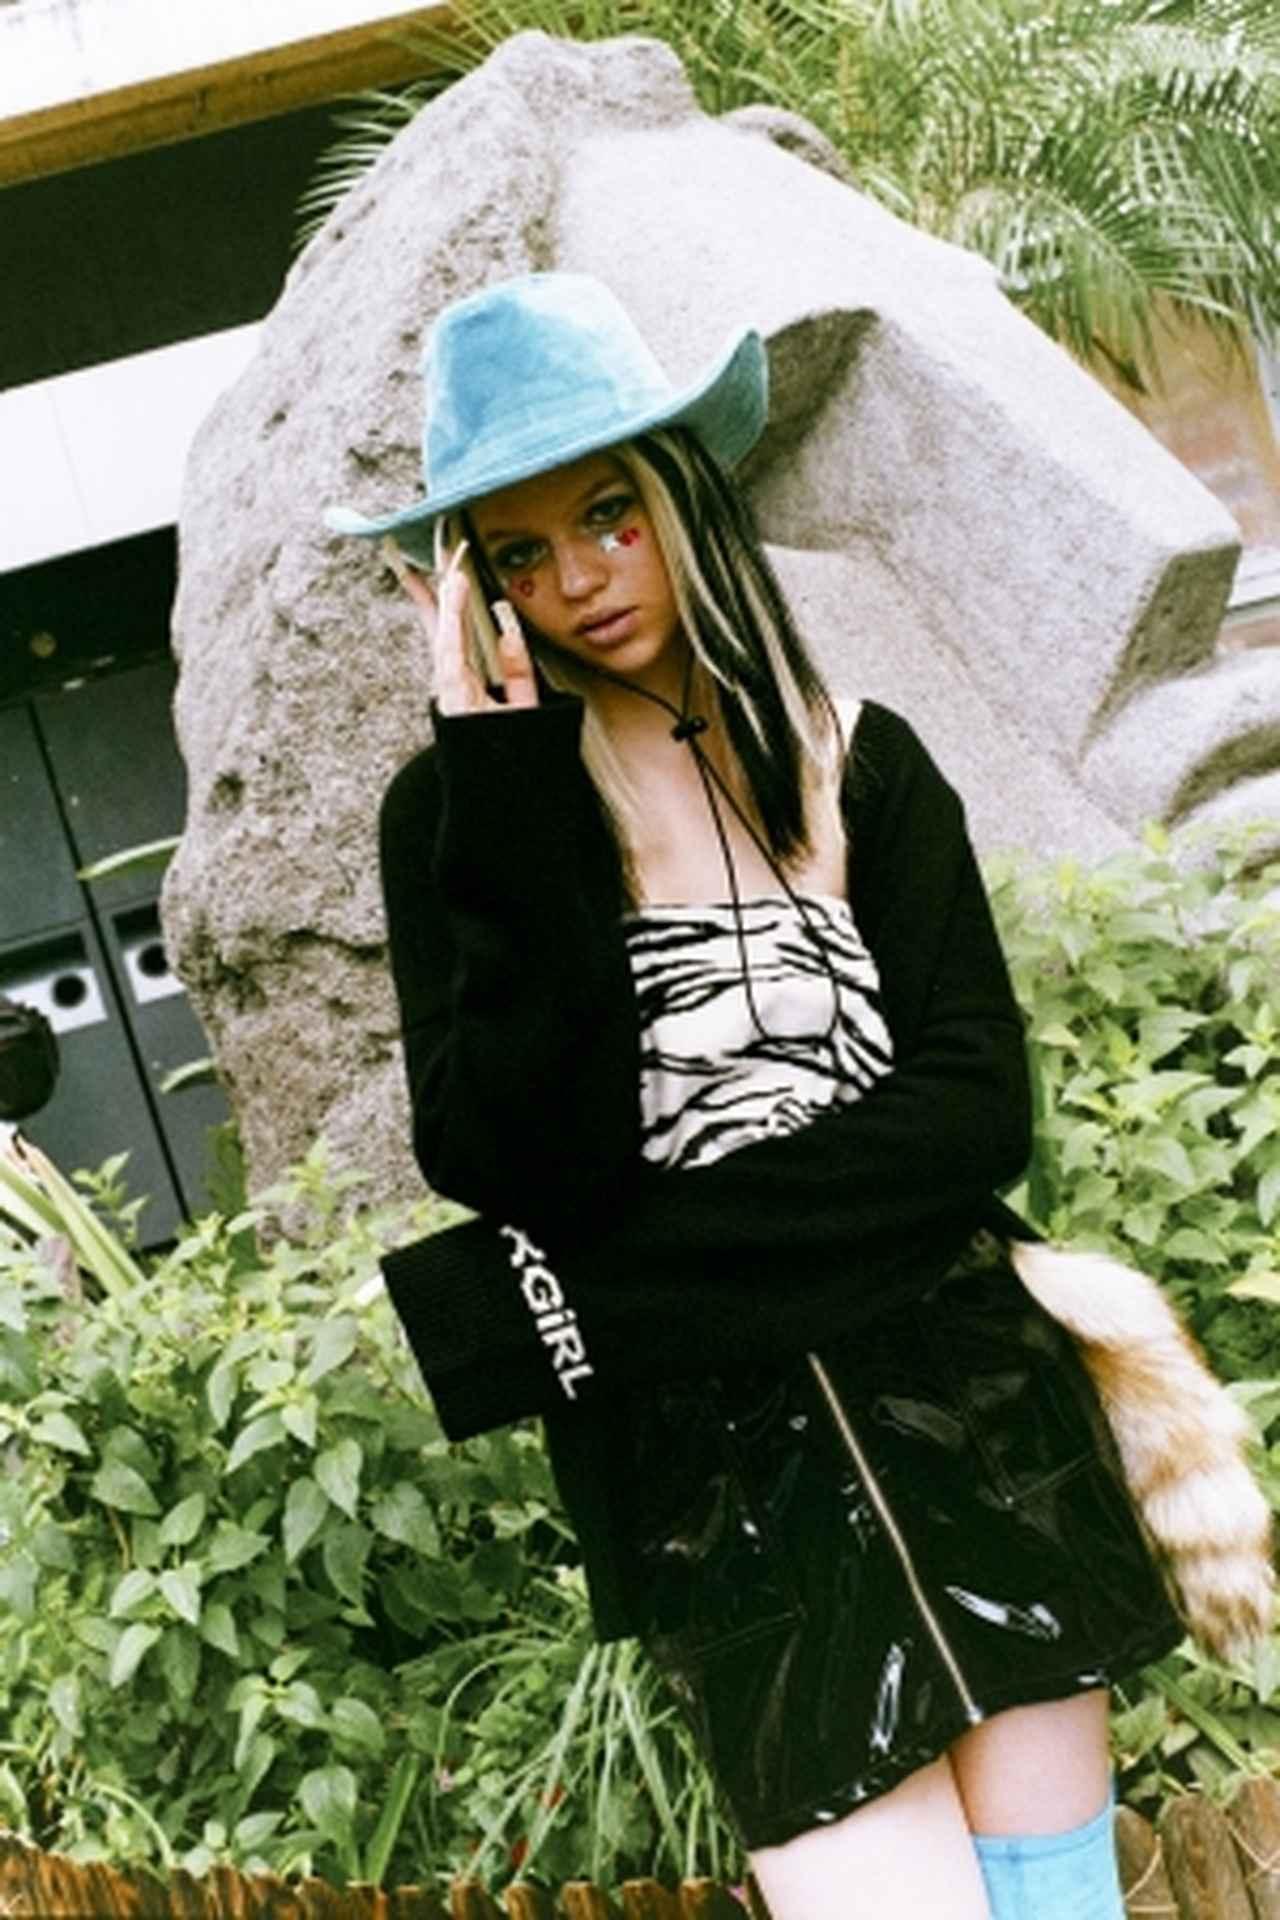 画像3: X-girl、ストリート×コギャルカルチャーのキャンペーン、渋谷109で初のポップアップストア